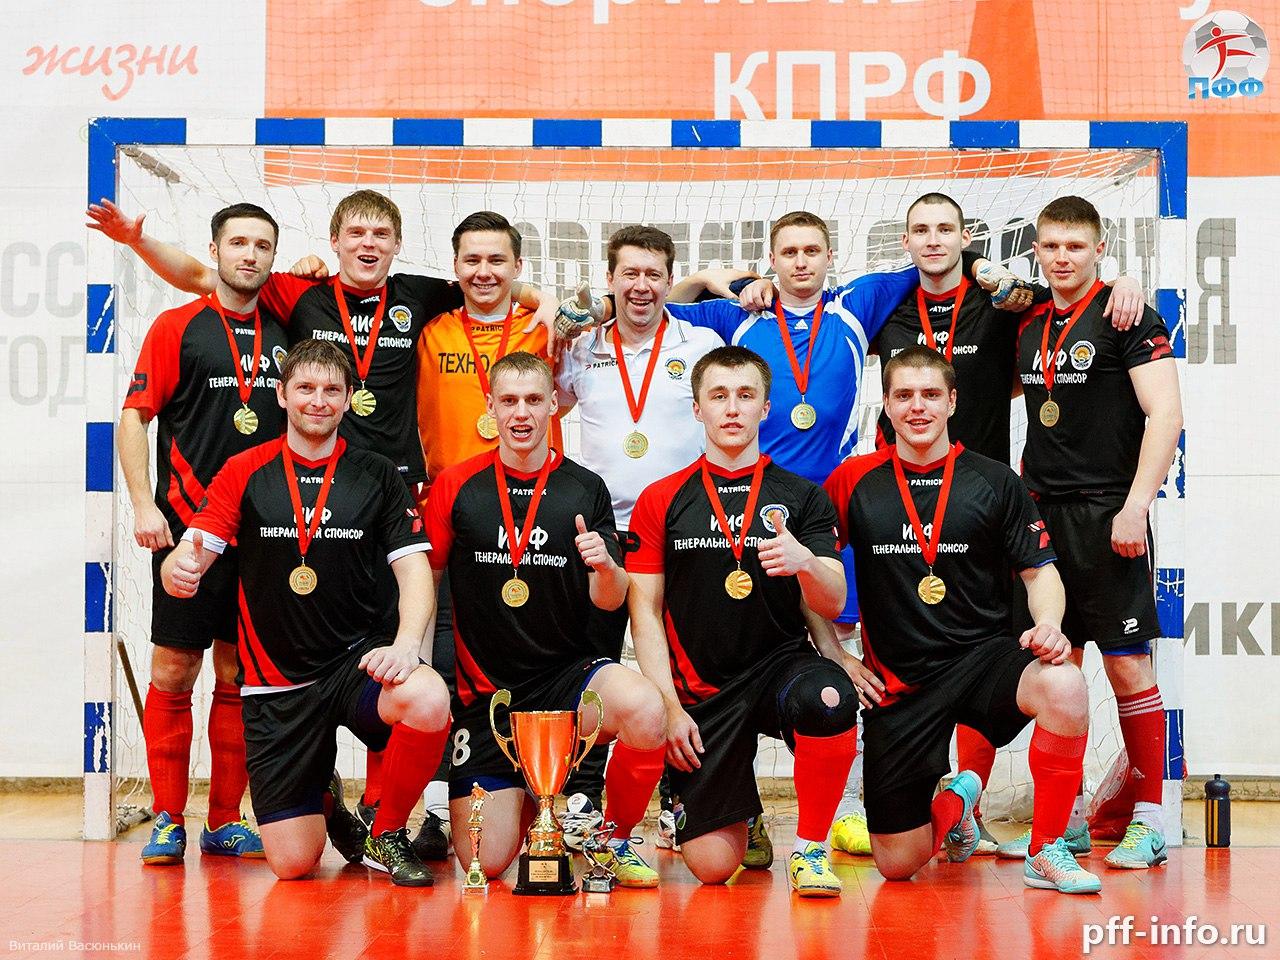 Успей заявиться на Кубок Большого Подольска по мини-футболу